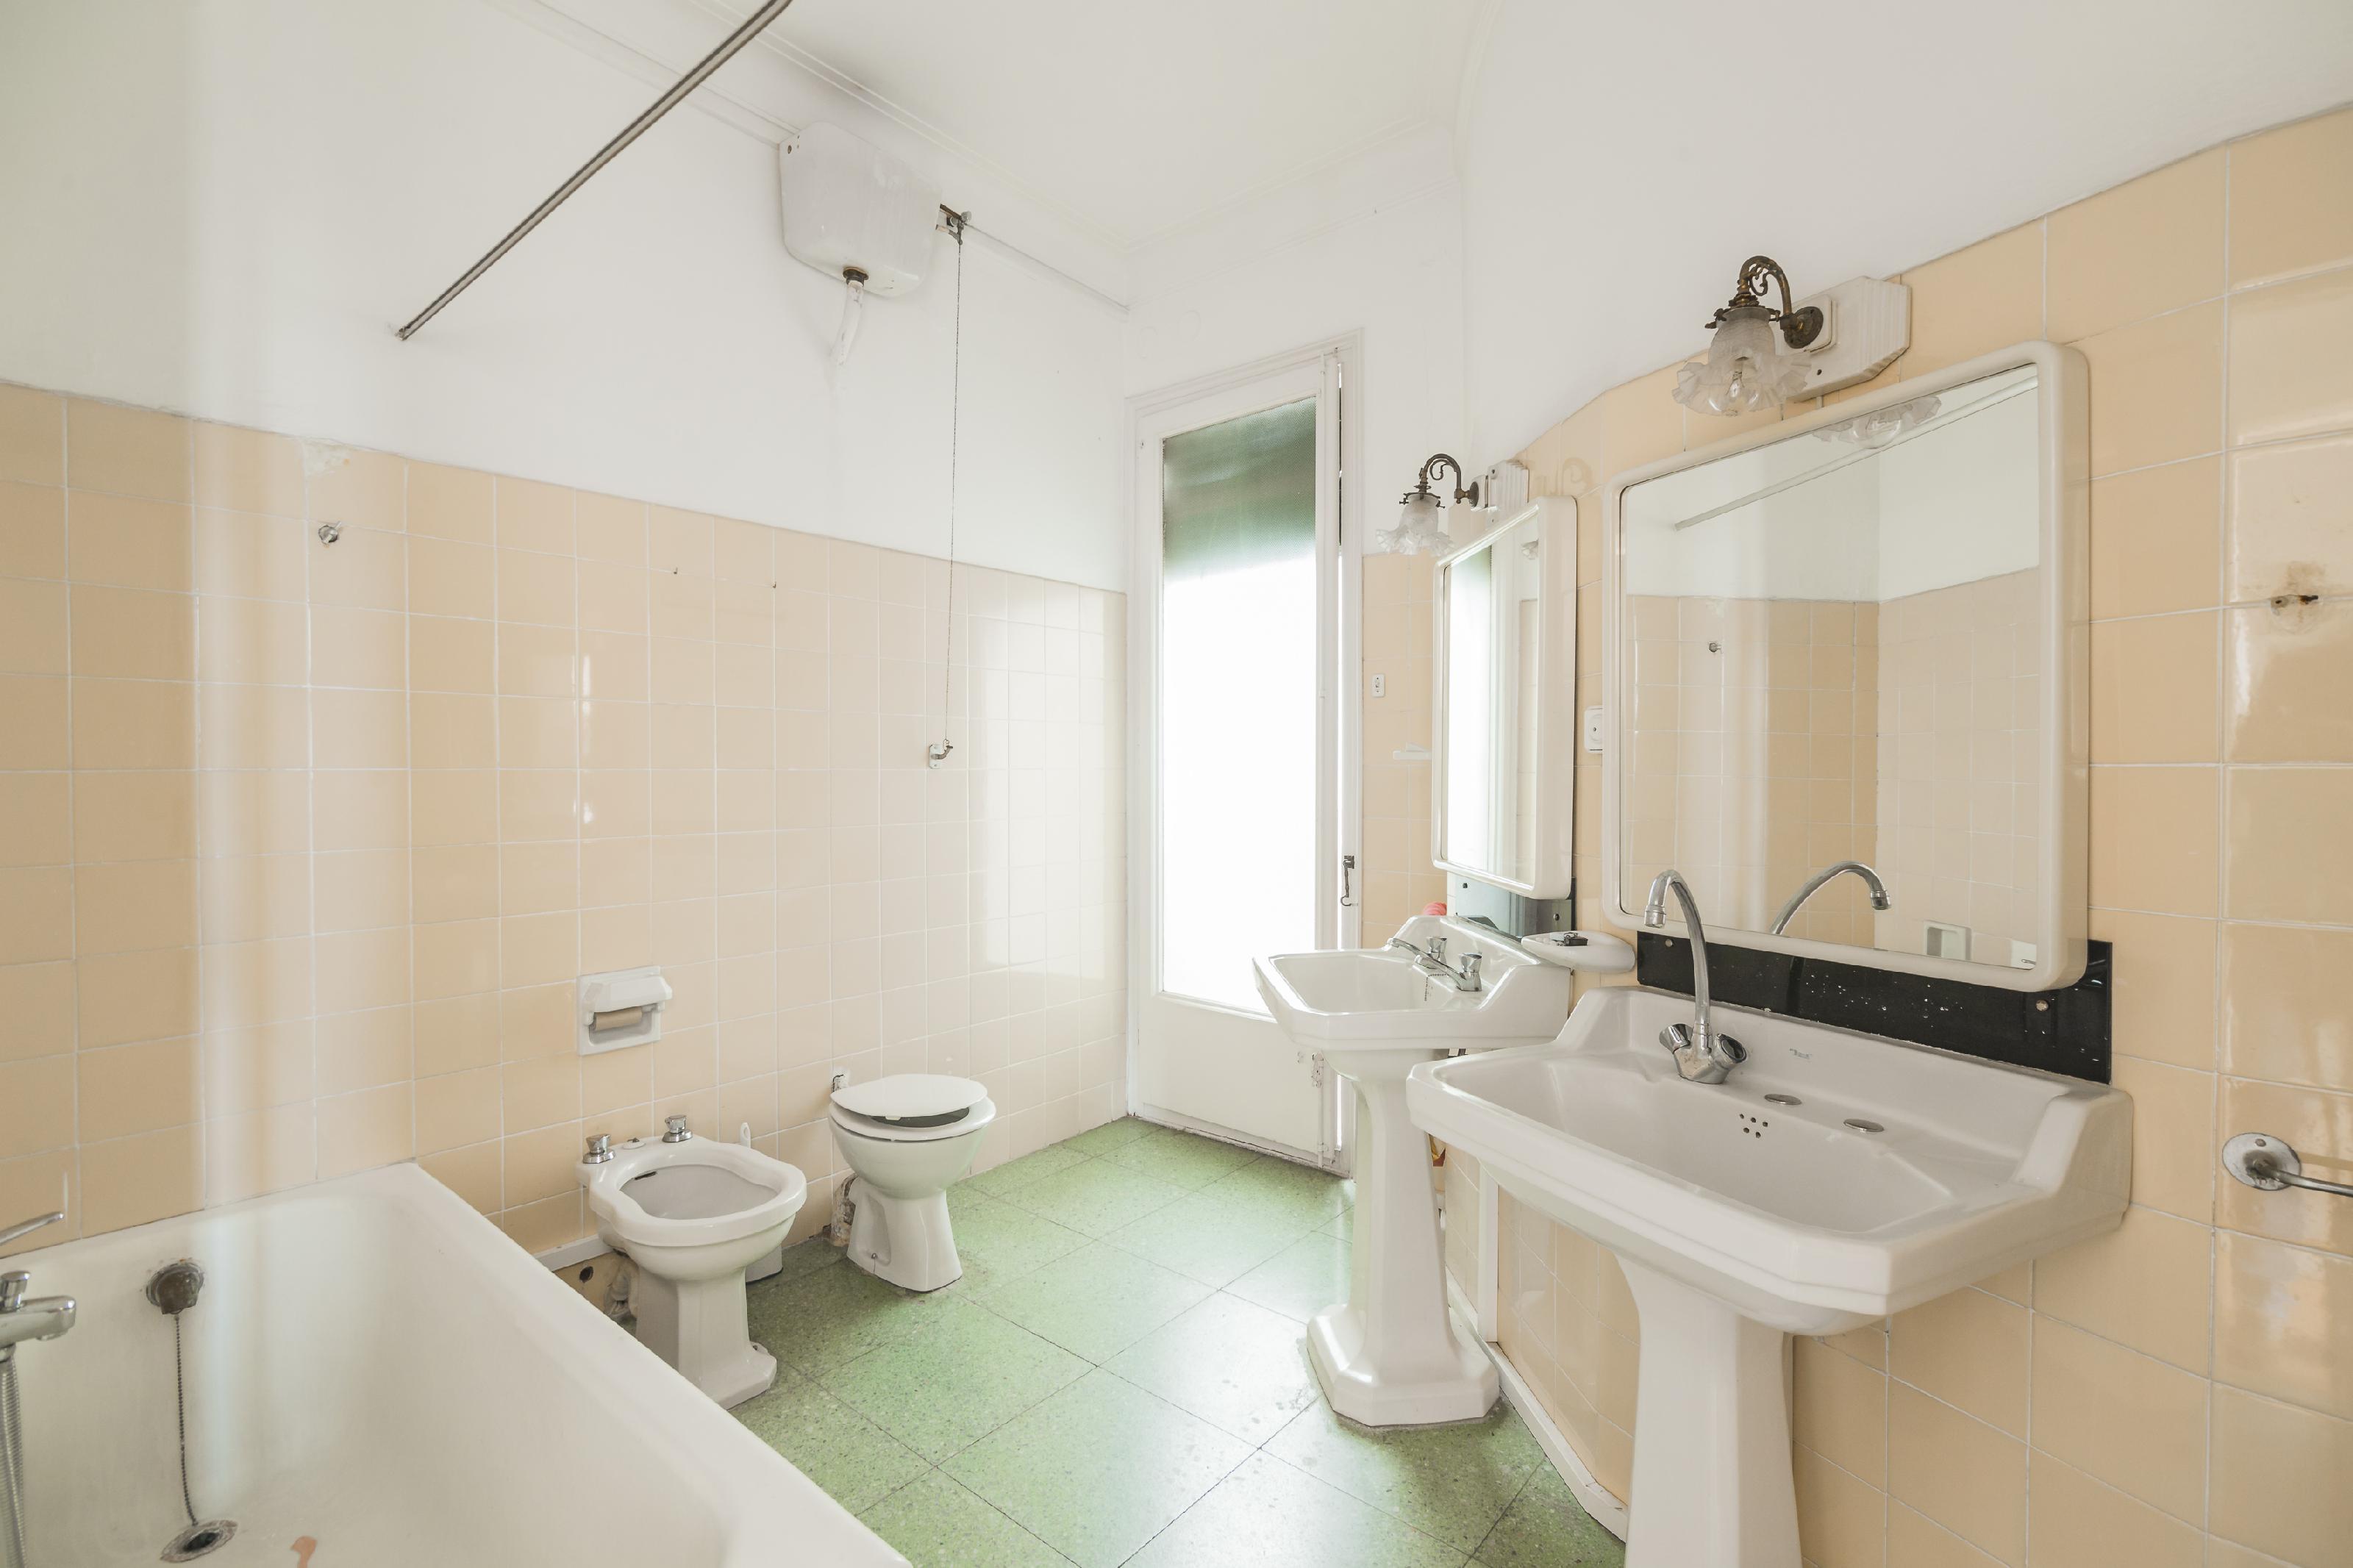 246643 Penthouse for sale in Sarrià-Sant Gervasi, St. Gervasi-Bonanova 39